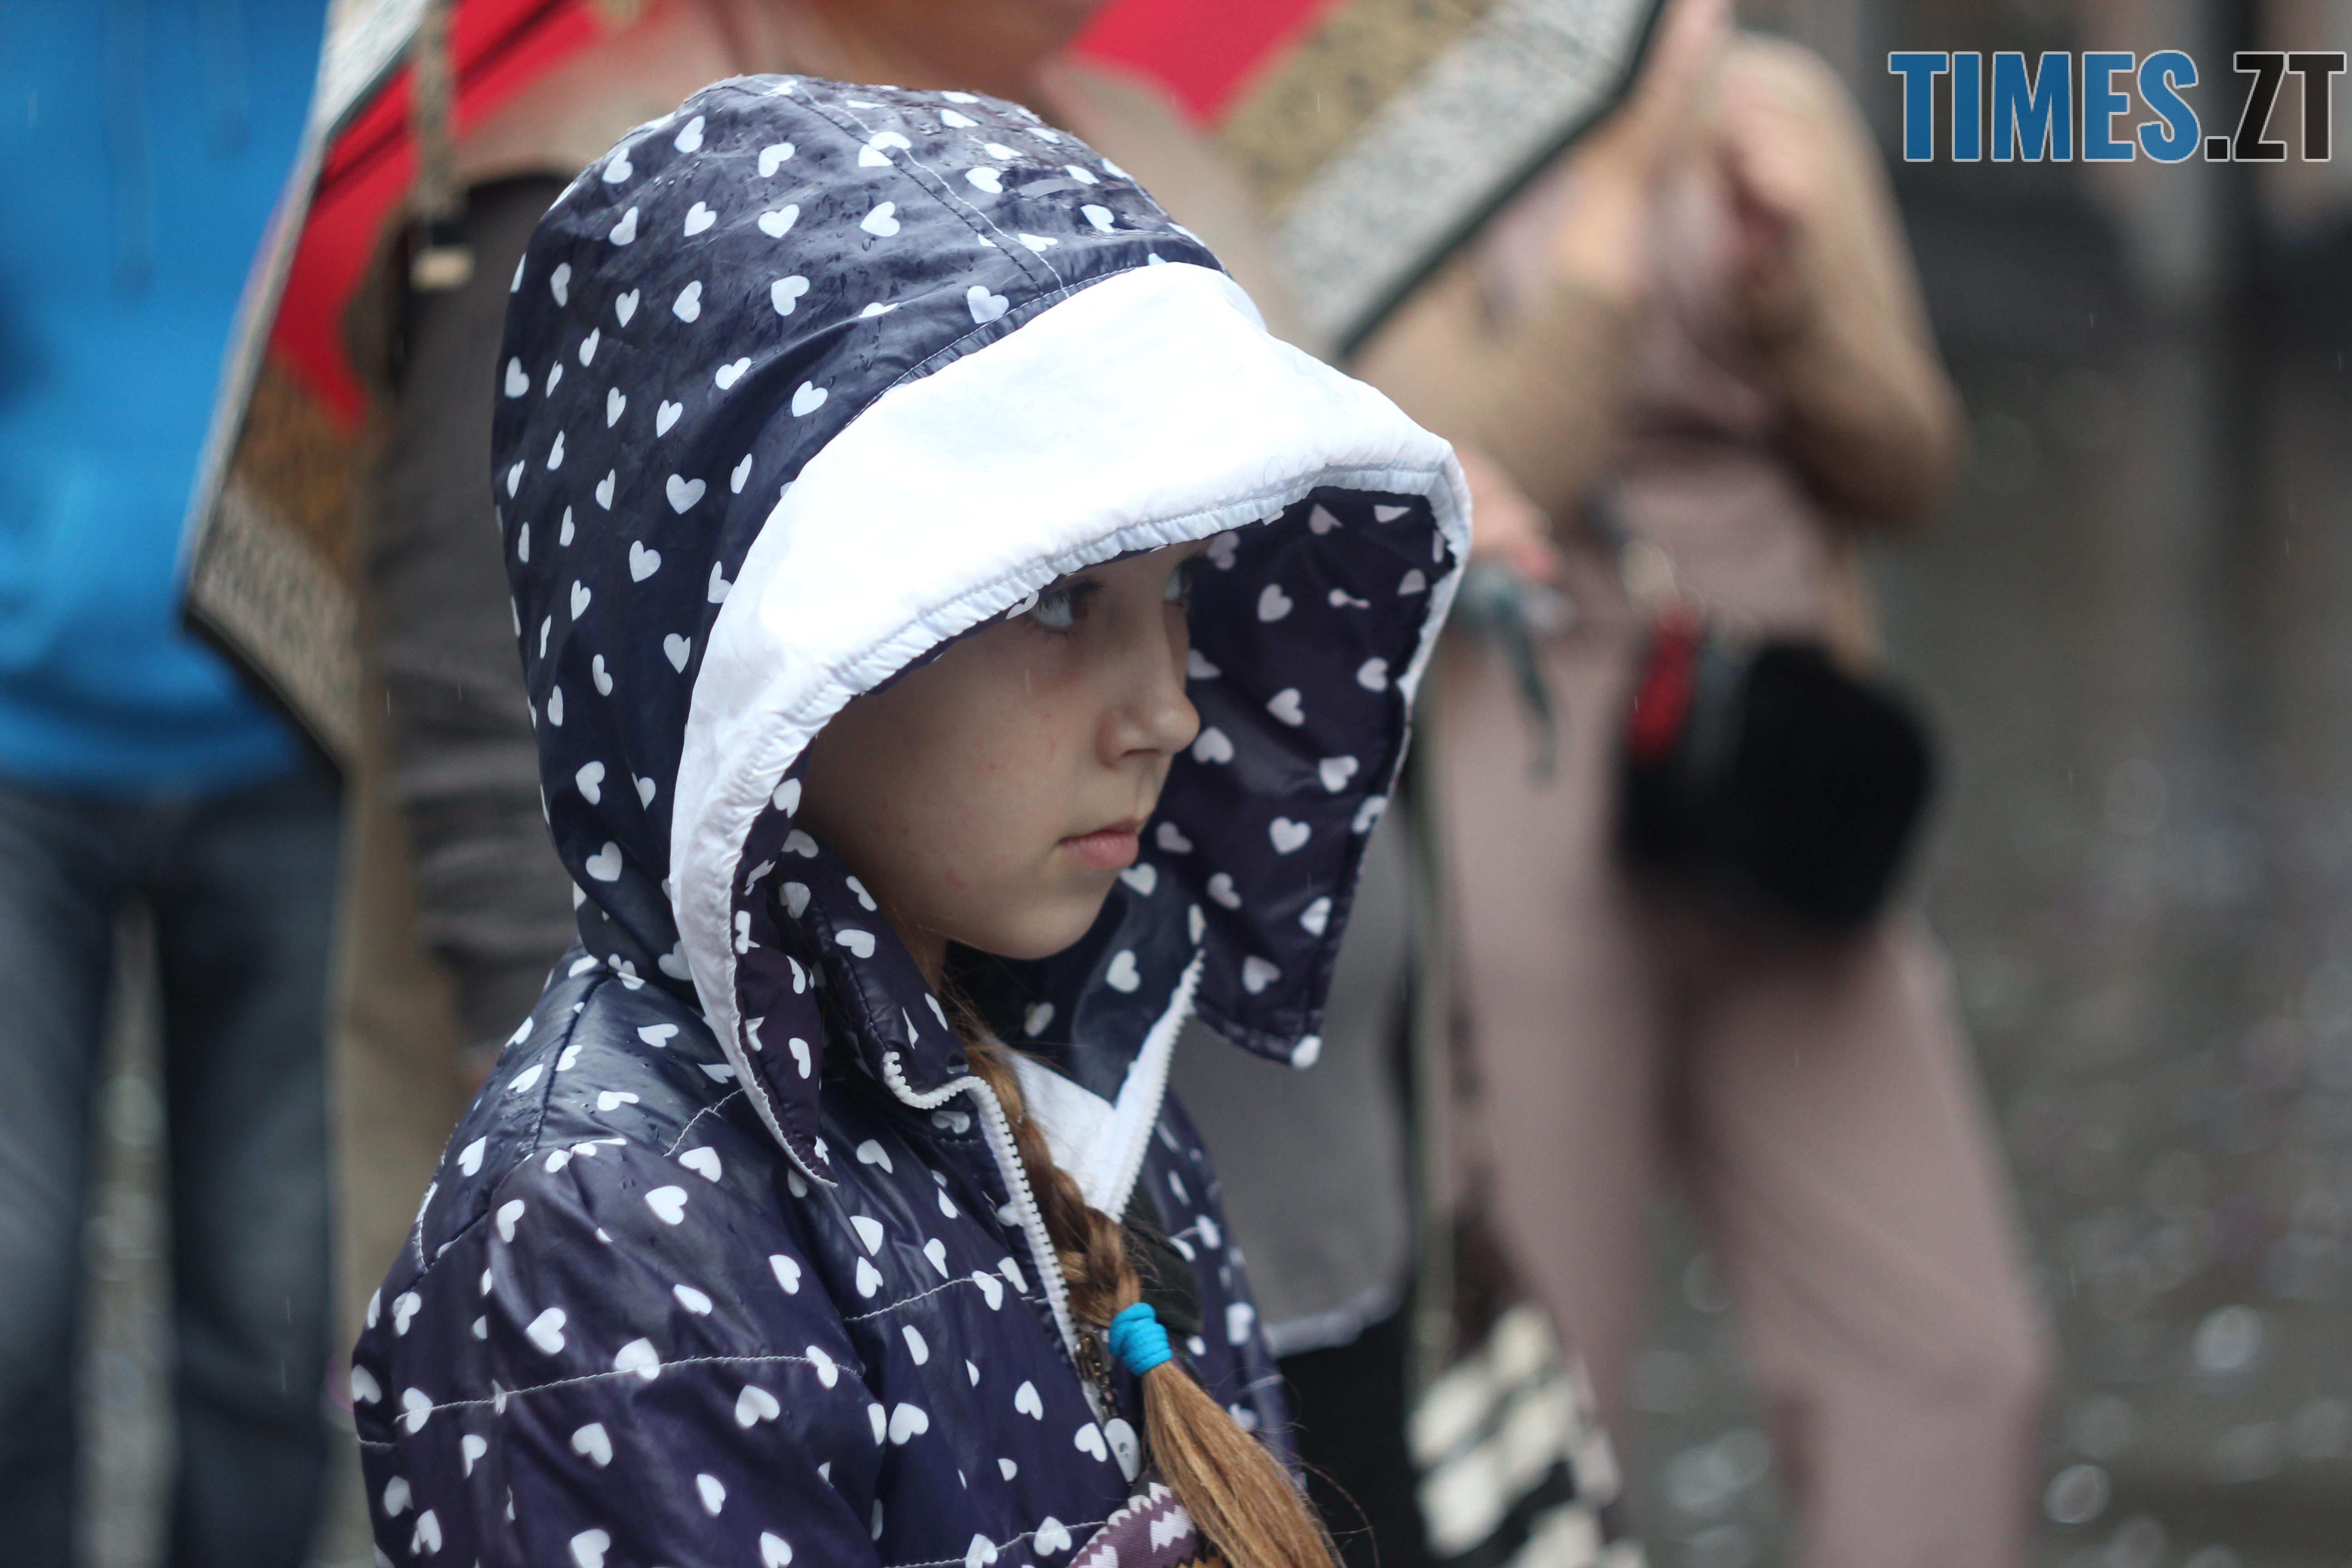 IMG 9697 - Дитячі розваги на Михайлівській: маленькі житомиряни святкують День міста (ФОТО)